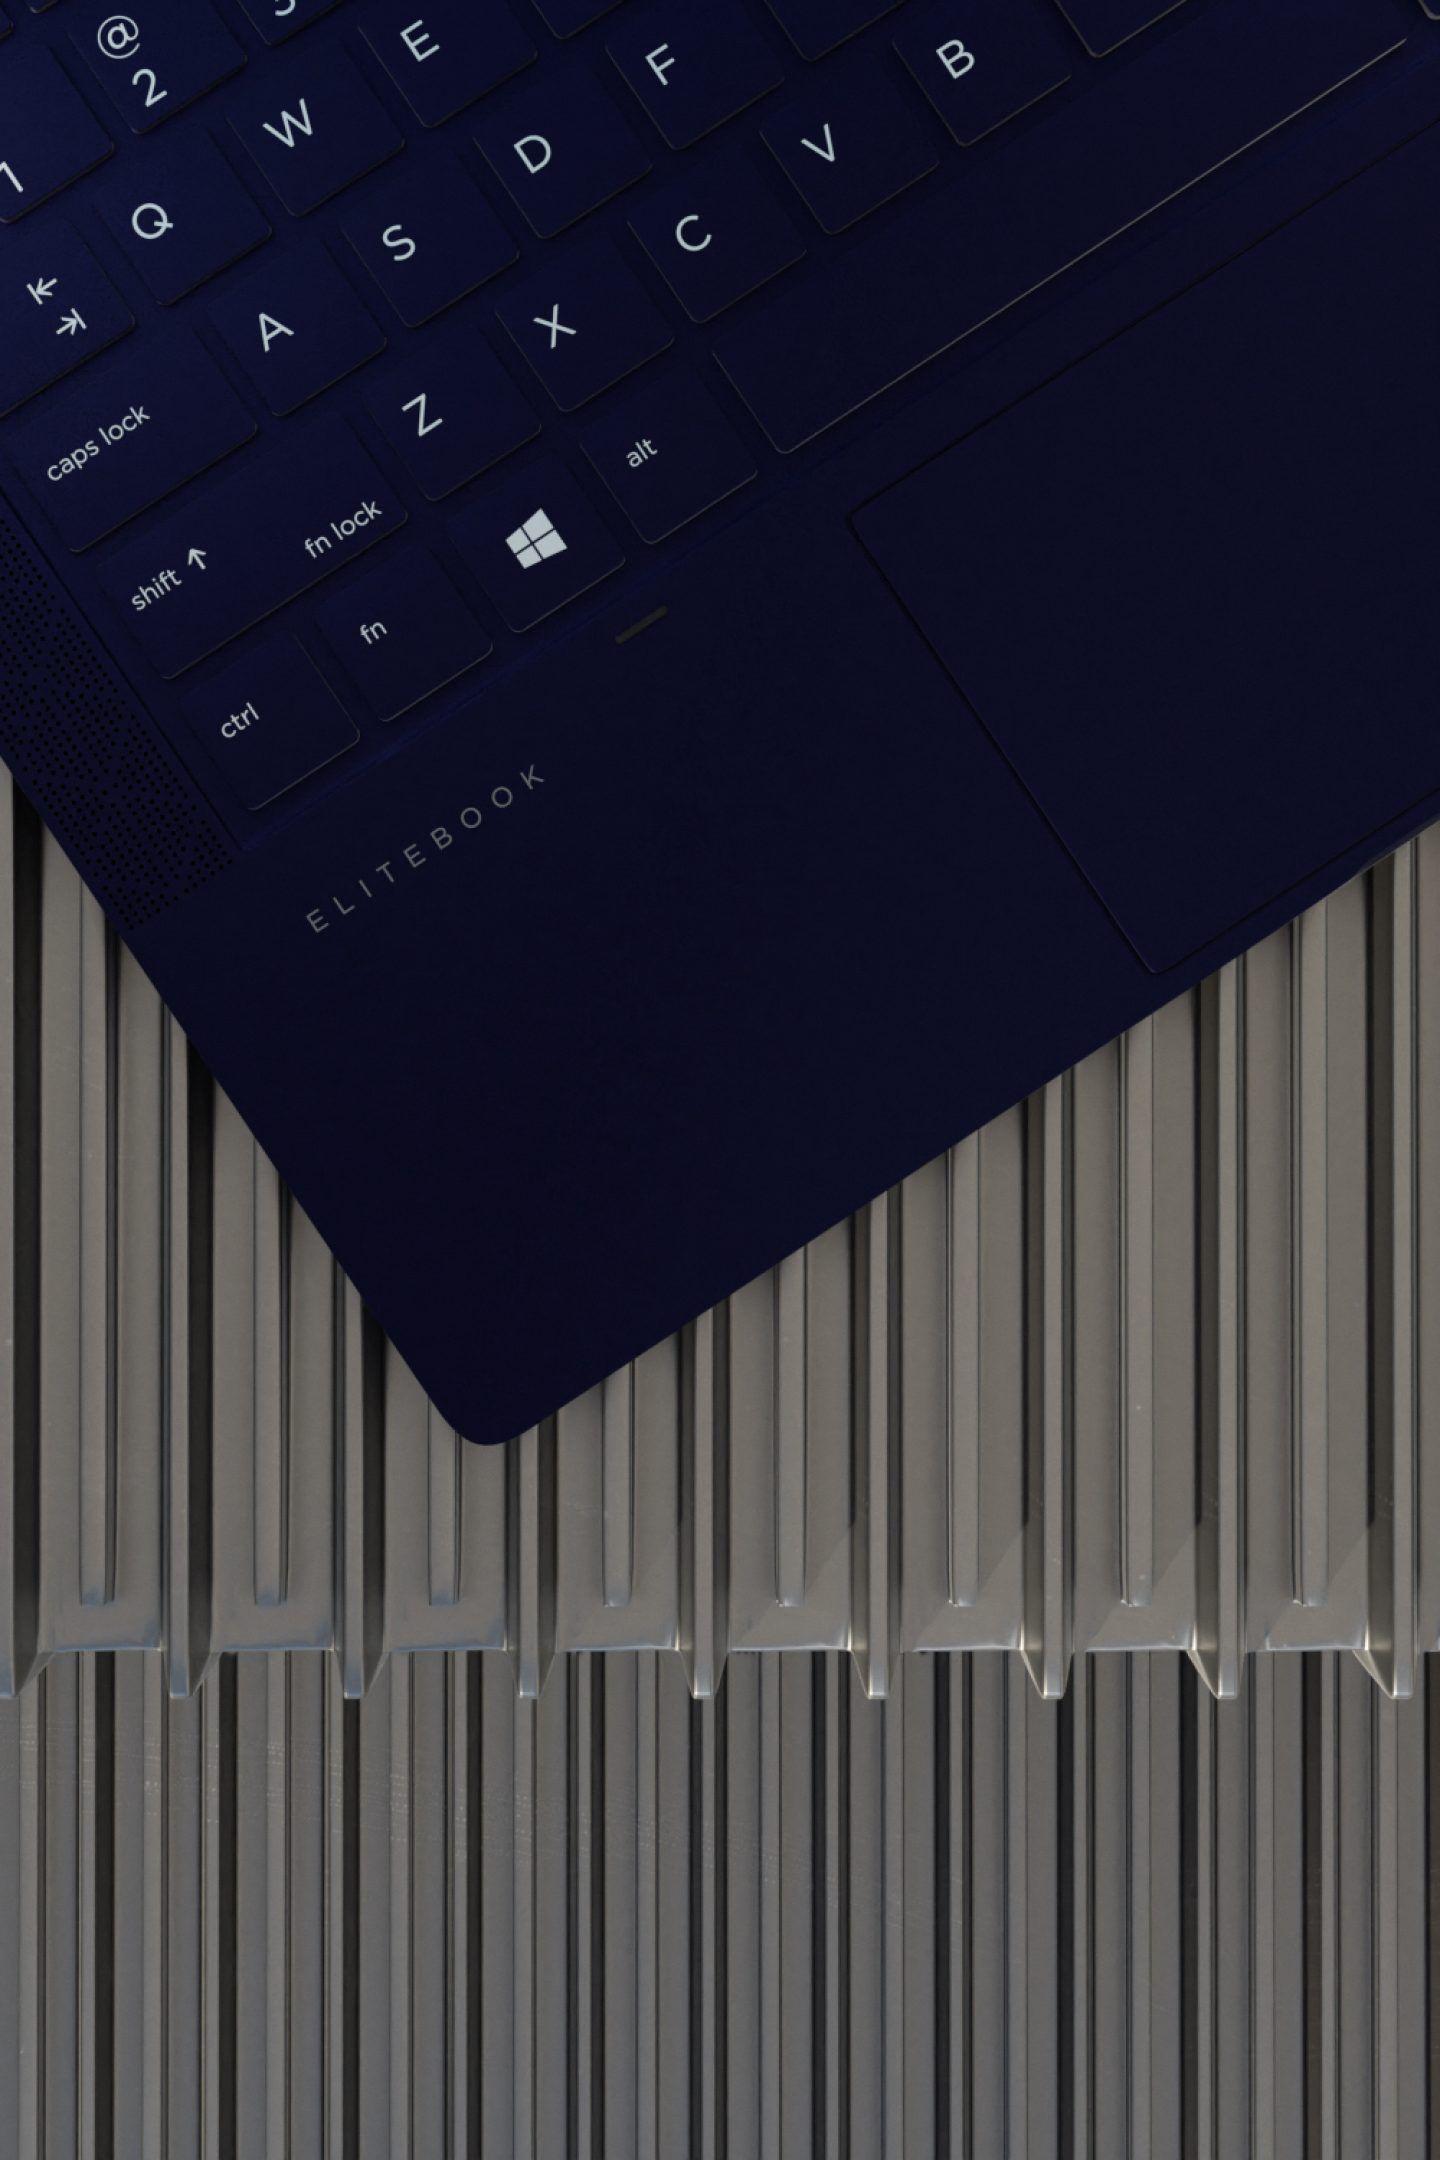 Laptop-TopDown